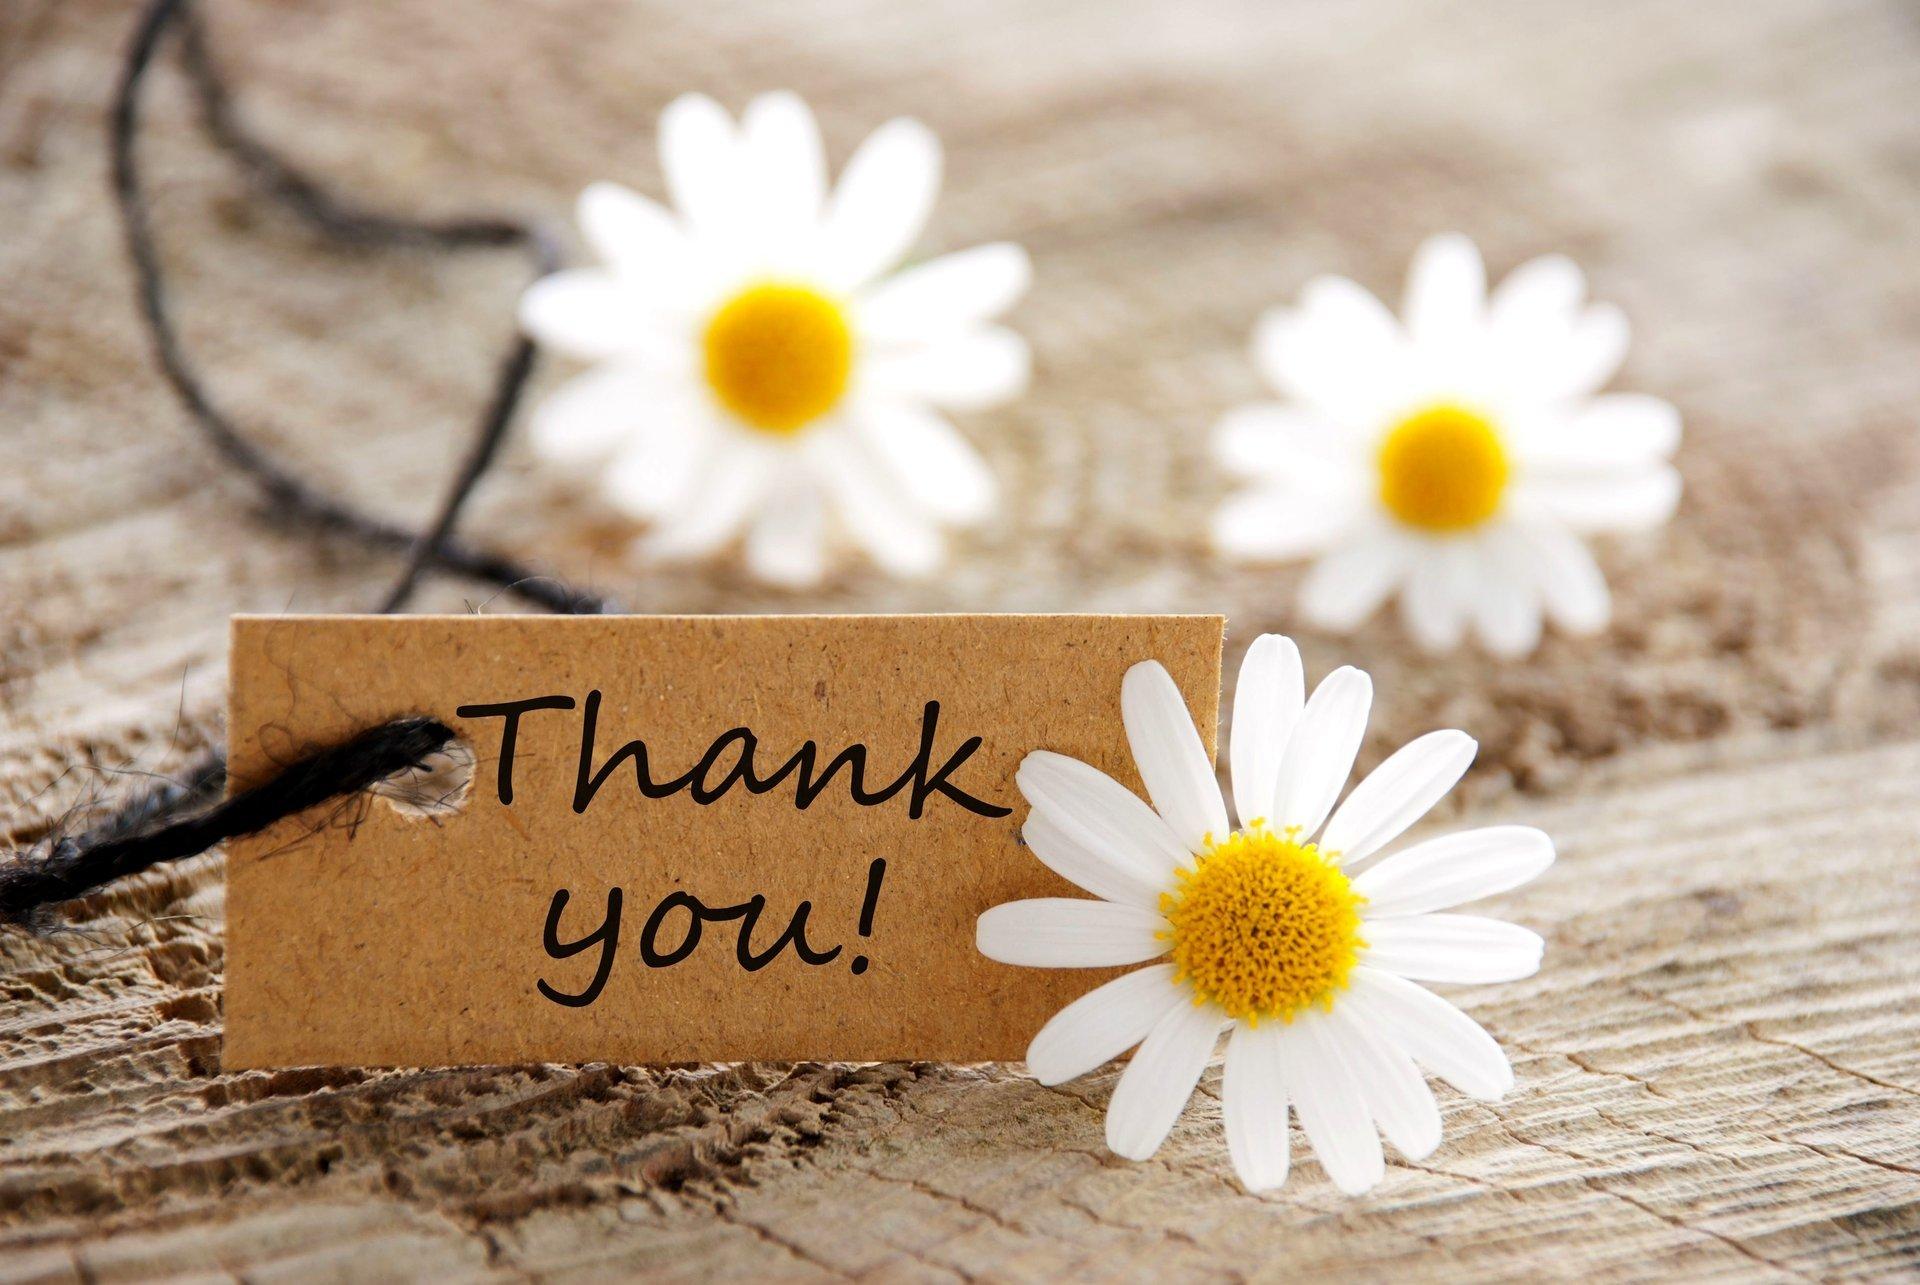 Как отблагодарить любимого за подарок